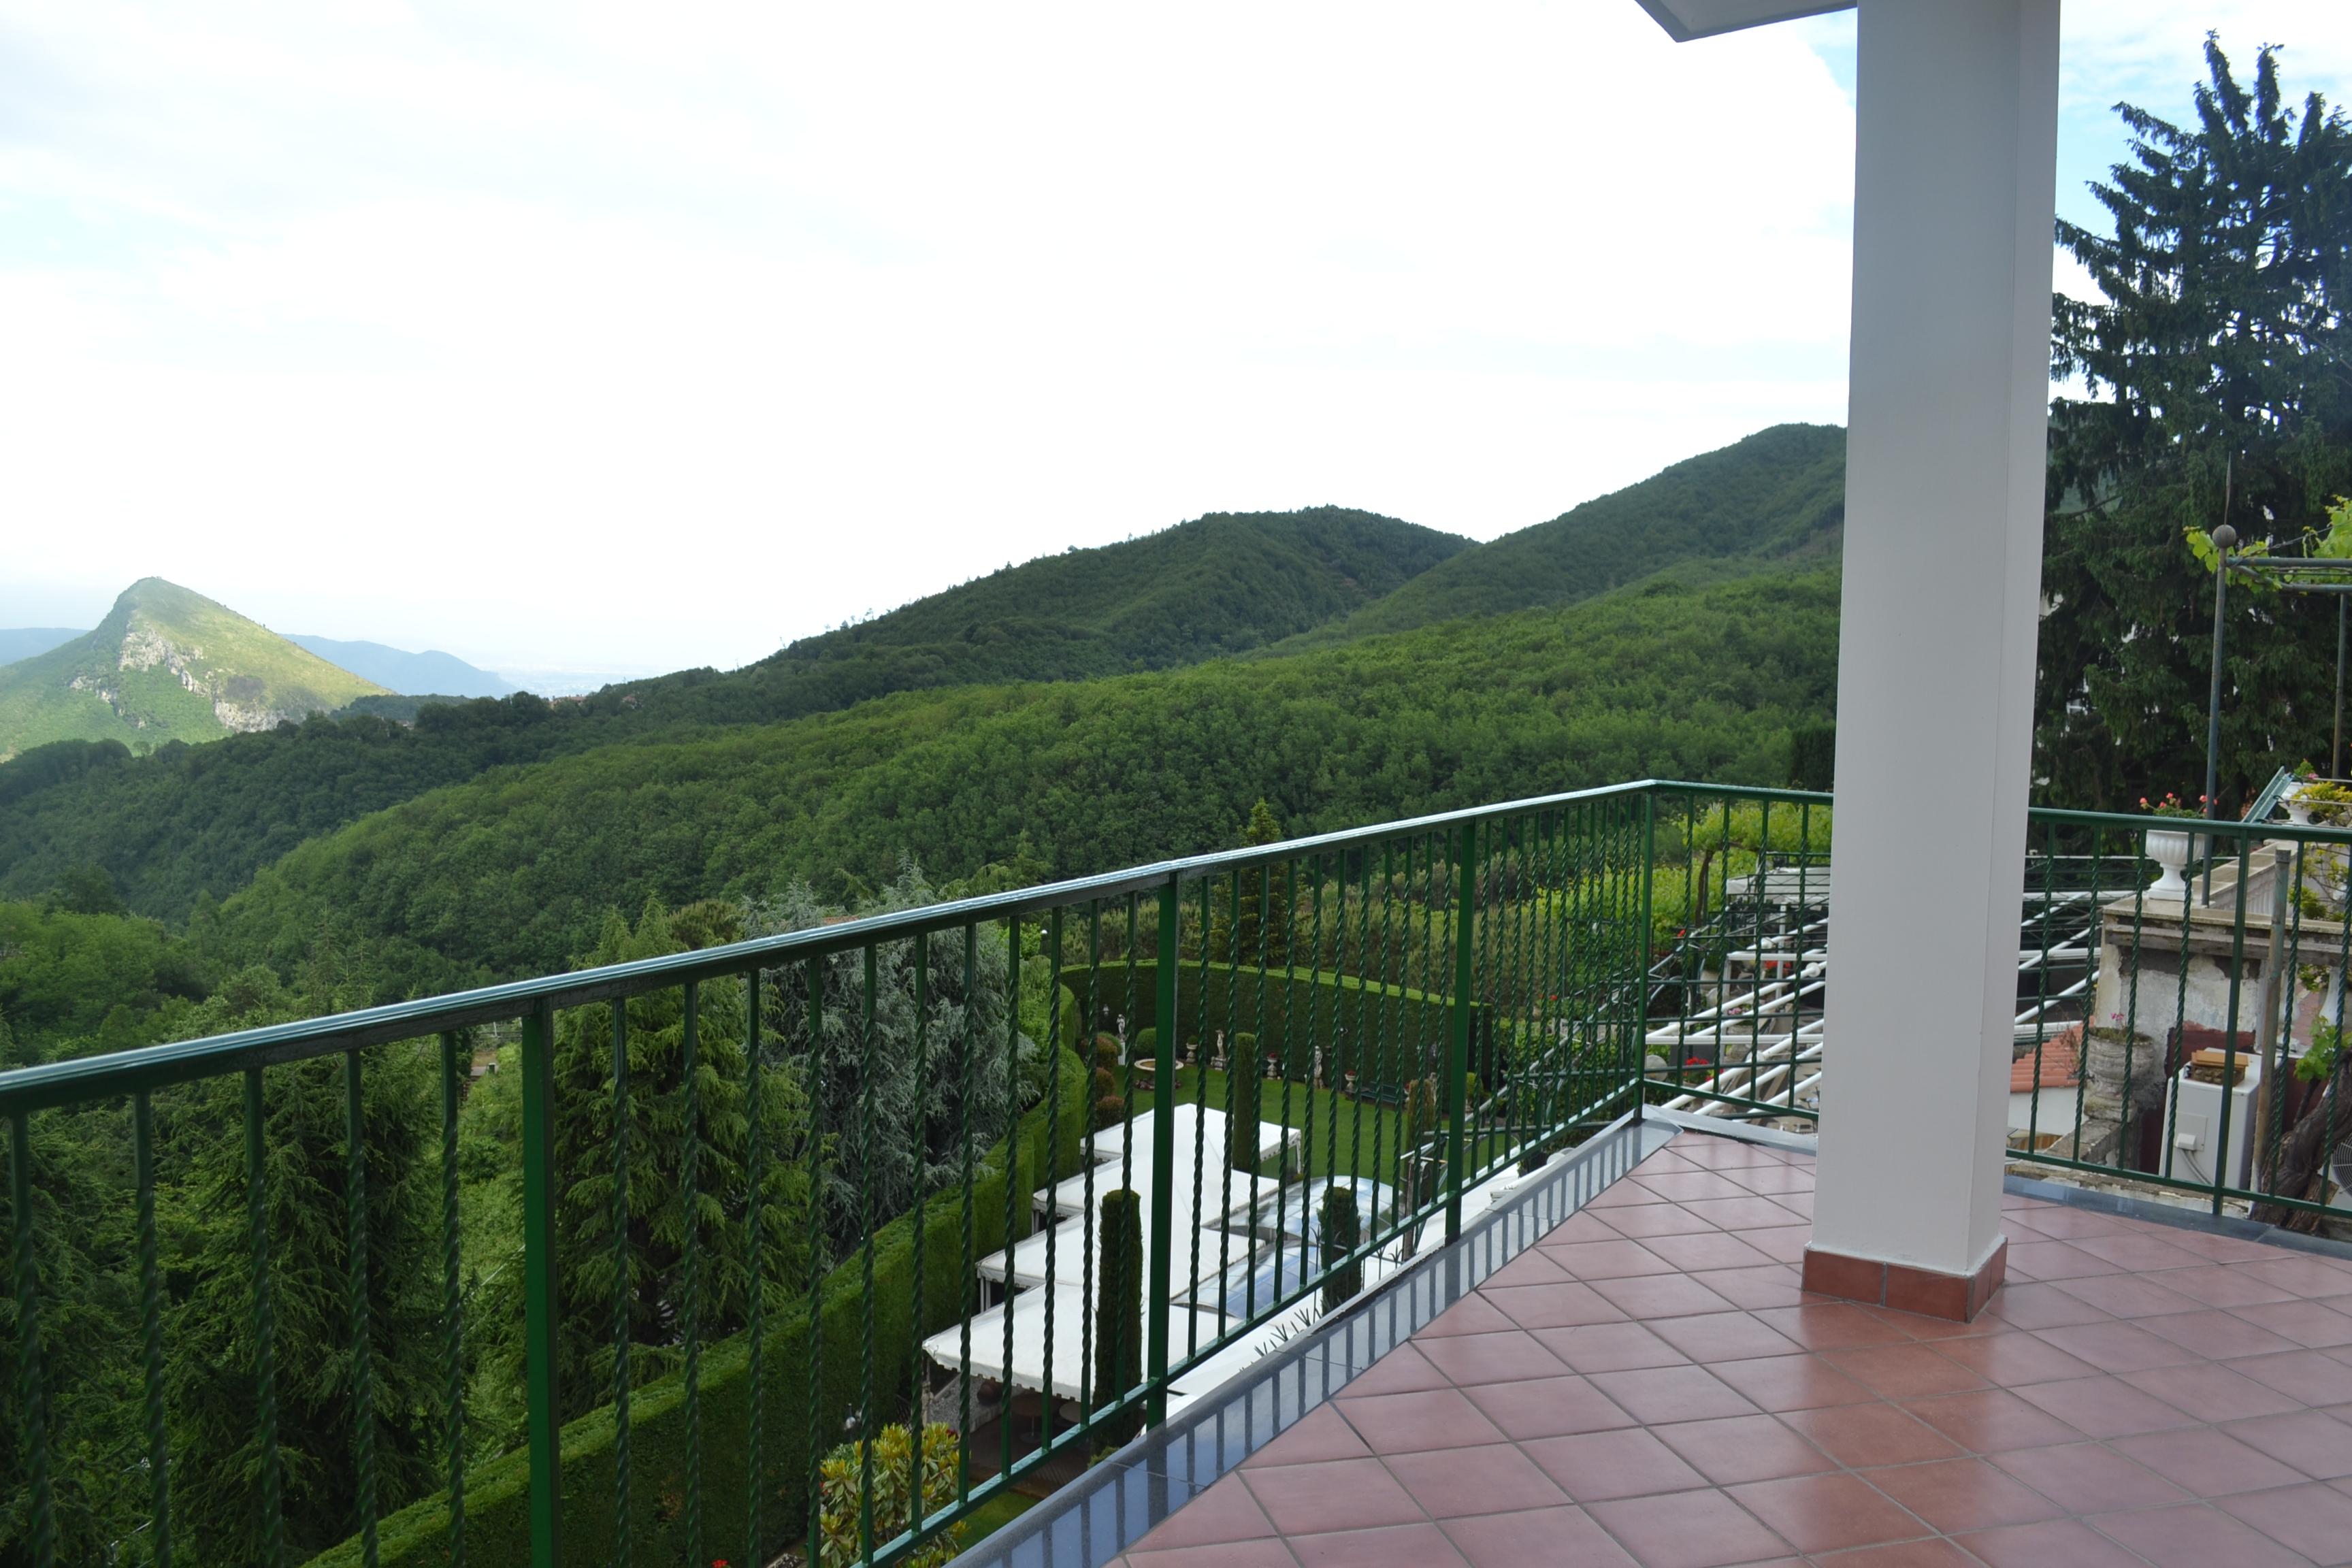 Ferienwohnung Bedebreakfastilys Coast Amalfitana (2520092), Cava de' Tirreni, Salerno, Kampanien, Italien, Bild 13